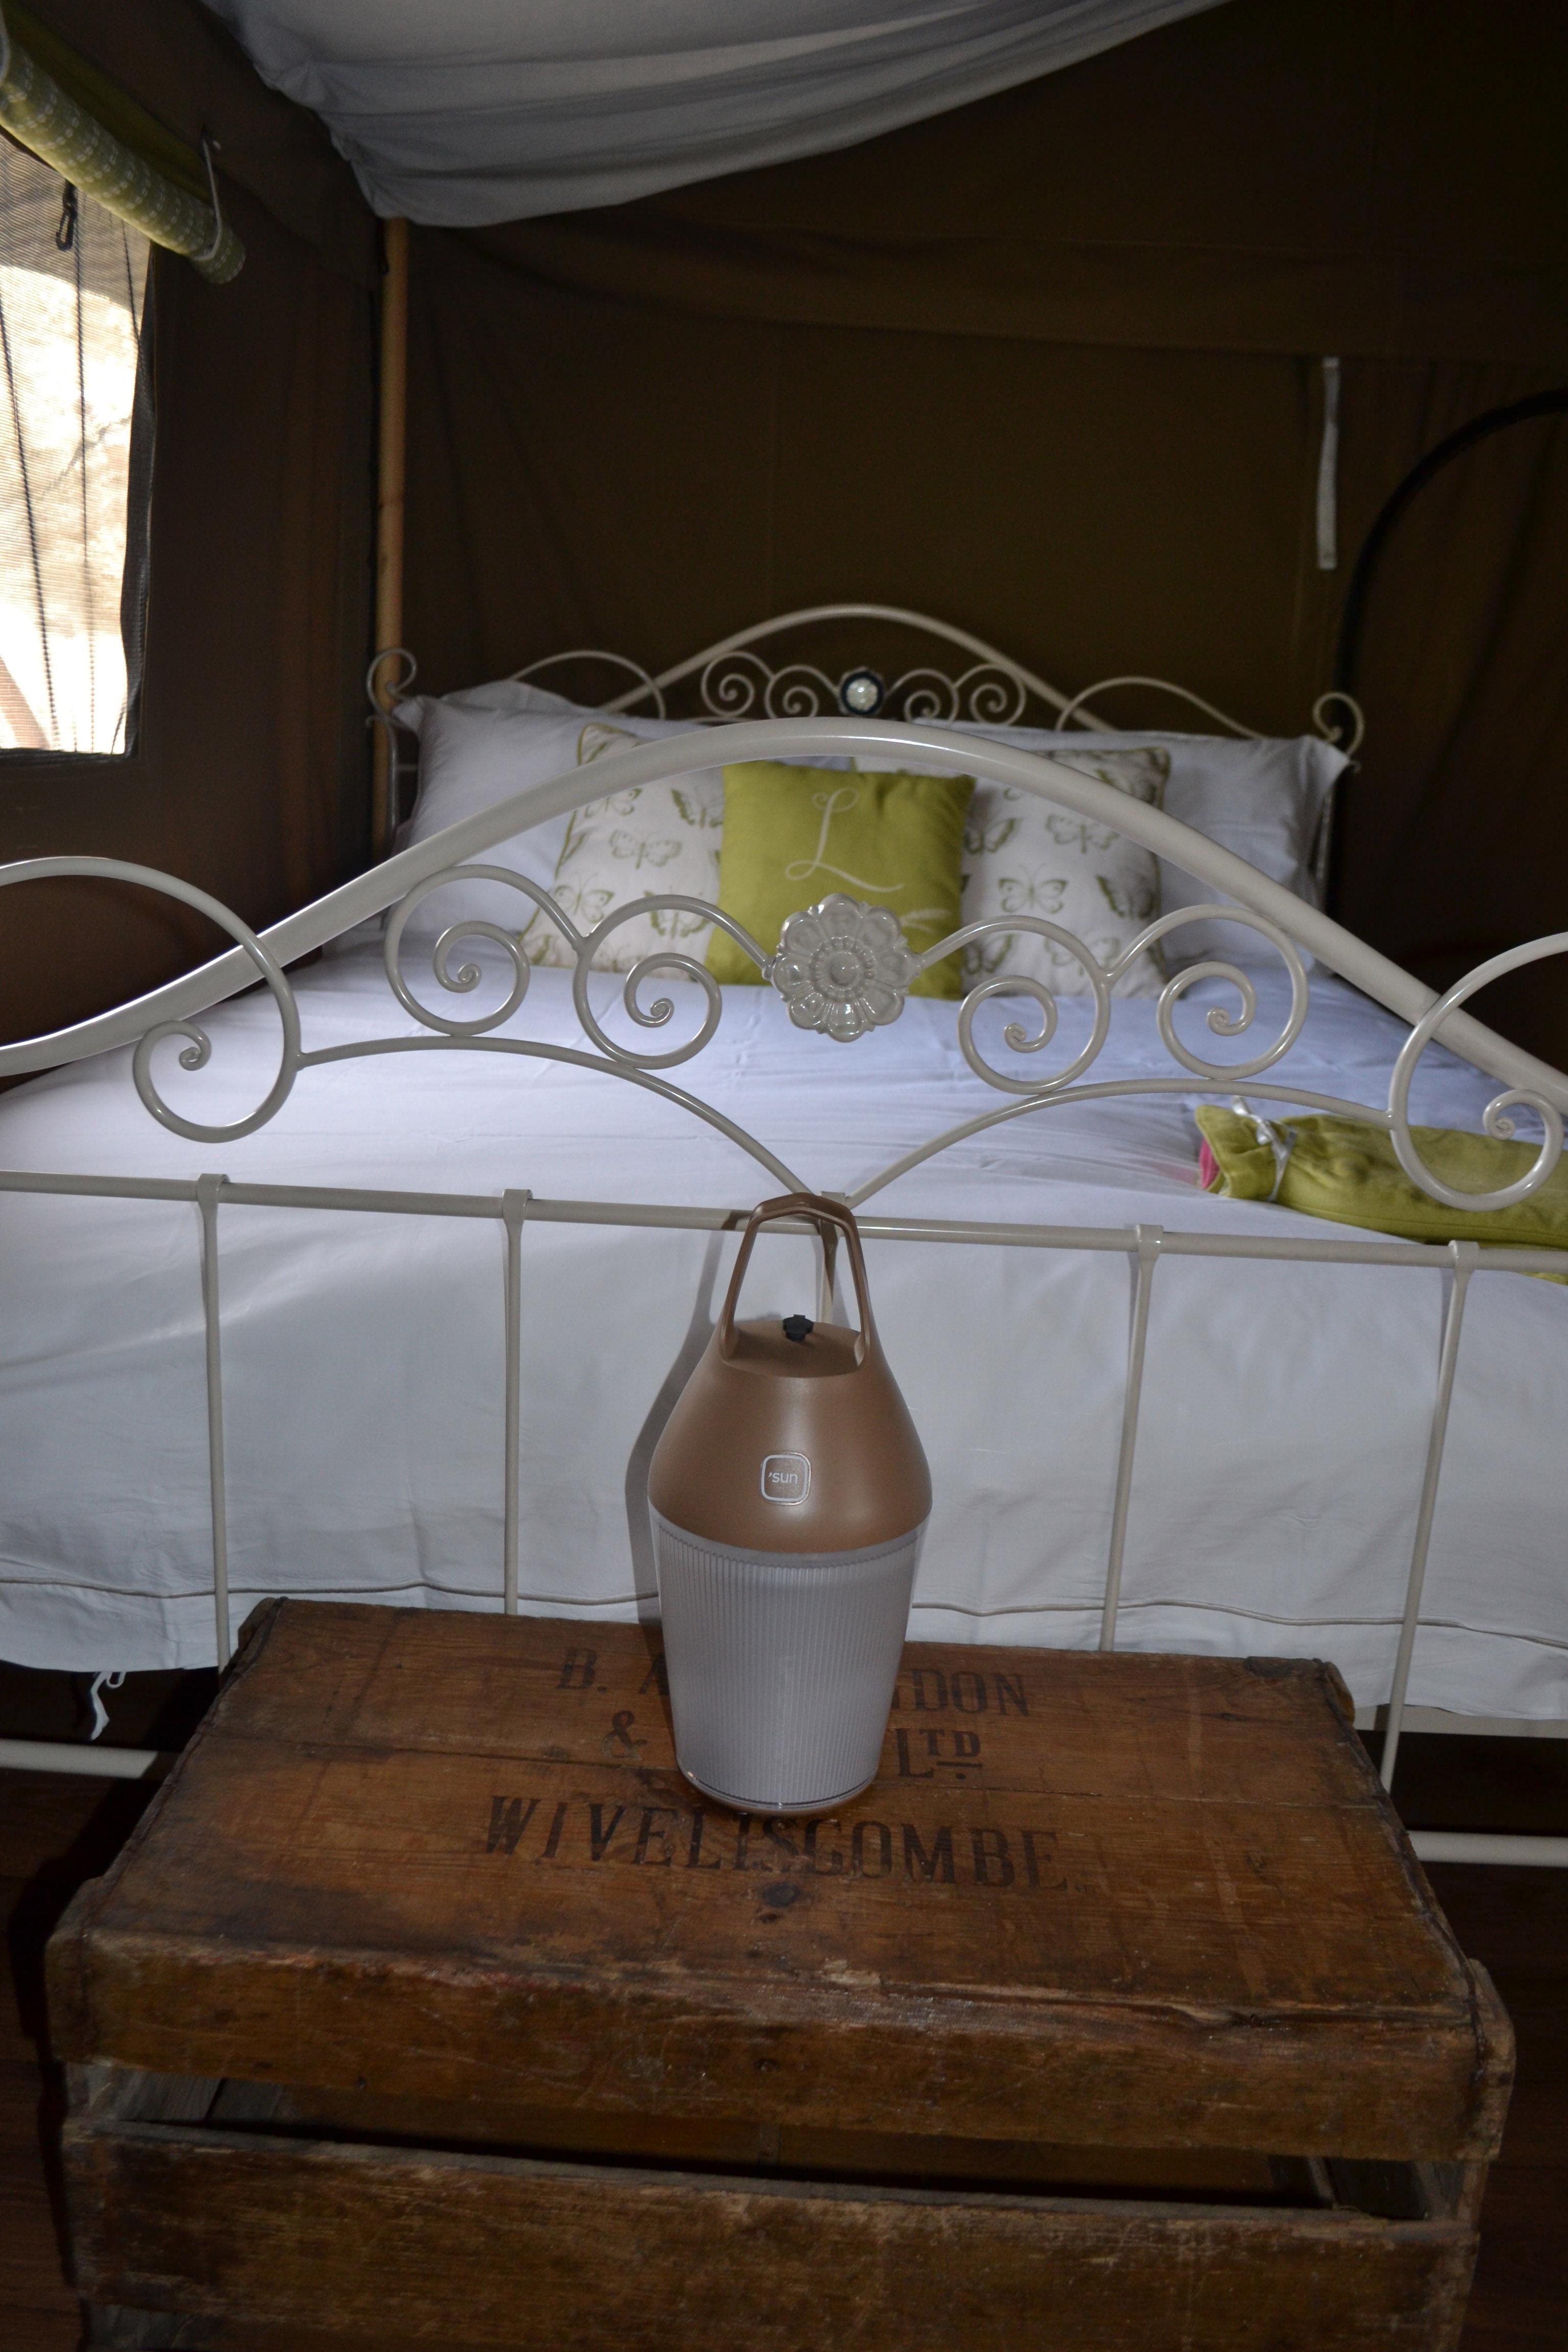 Scopri lampada senza fili nomad ricarica tramite elettricit ambre di o 39 sun made in design italia - Lampada da tavolo senza fili ...